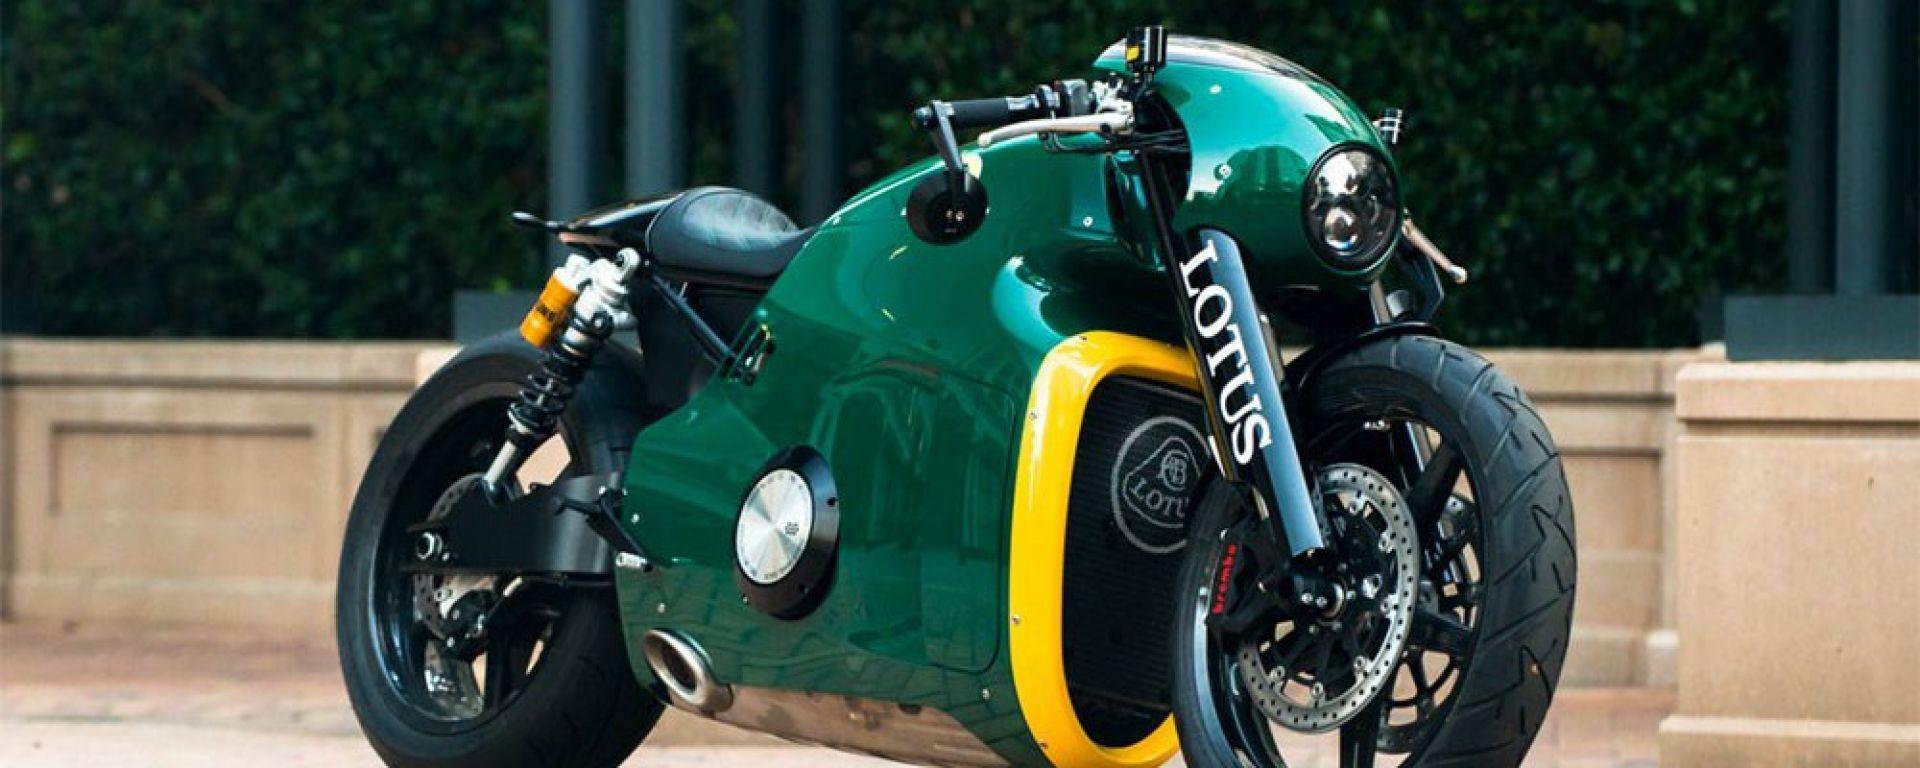 Lotus C-01, all'asta uno dei 100 esemplari prodotti